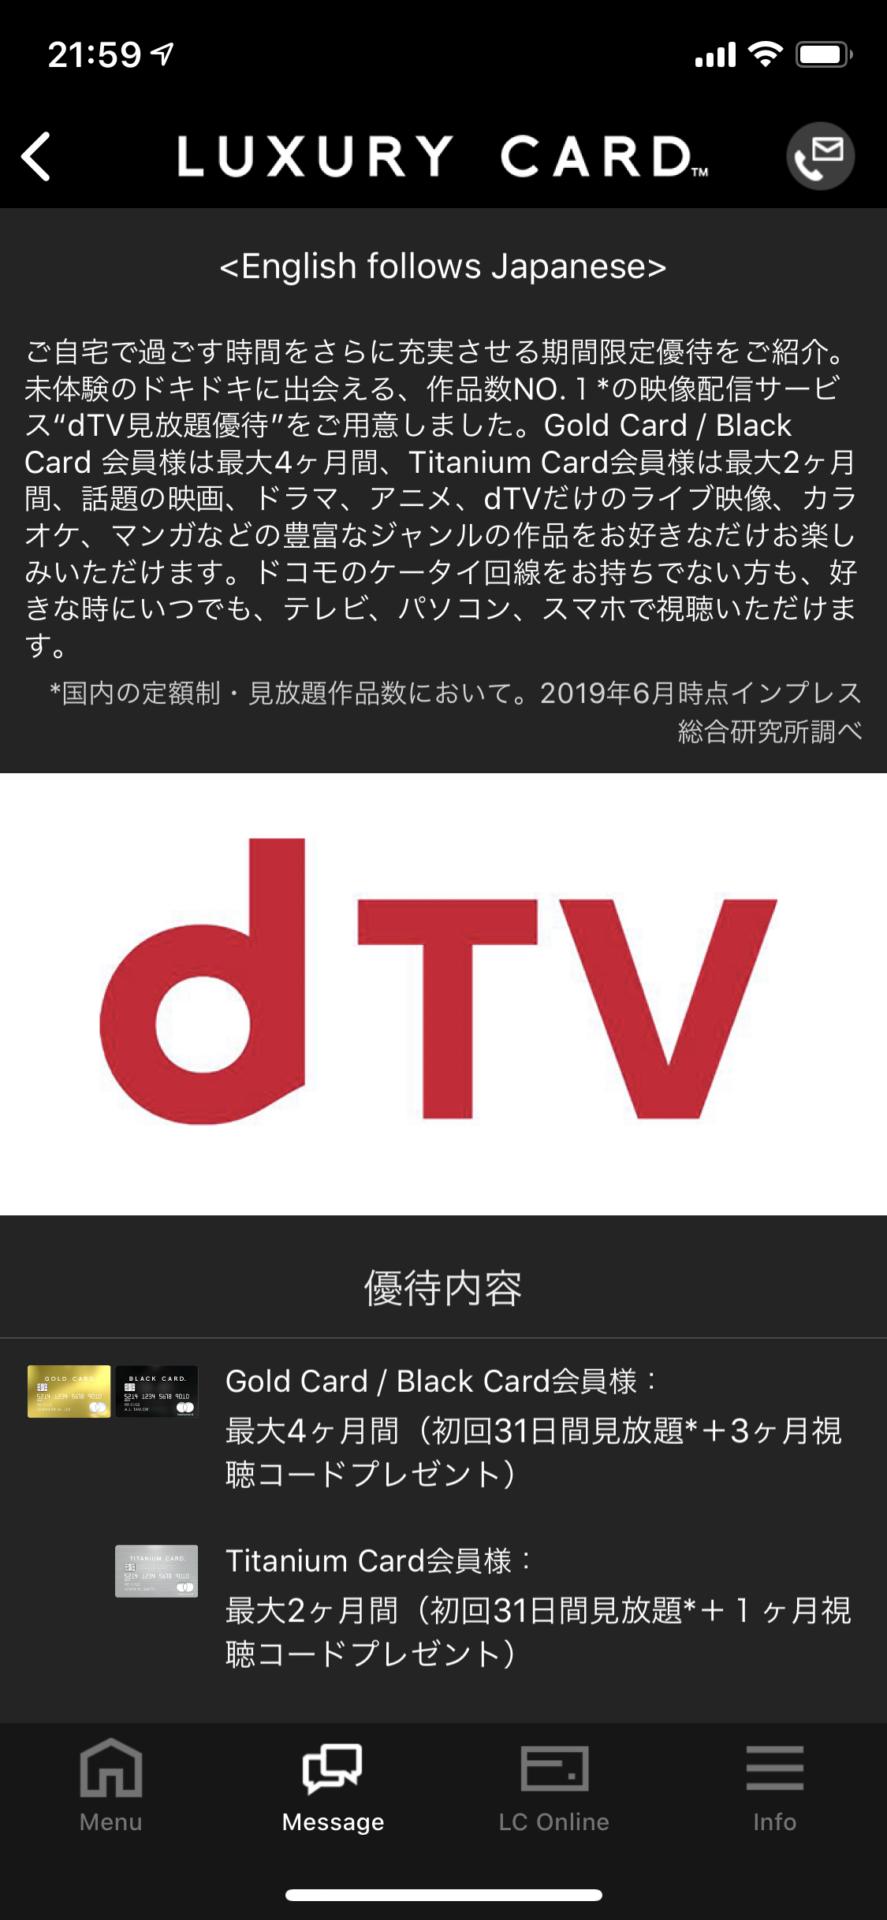 ラグジュアリーカードのdTV見放題優待 (2)